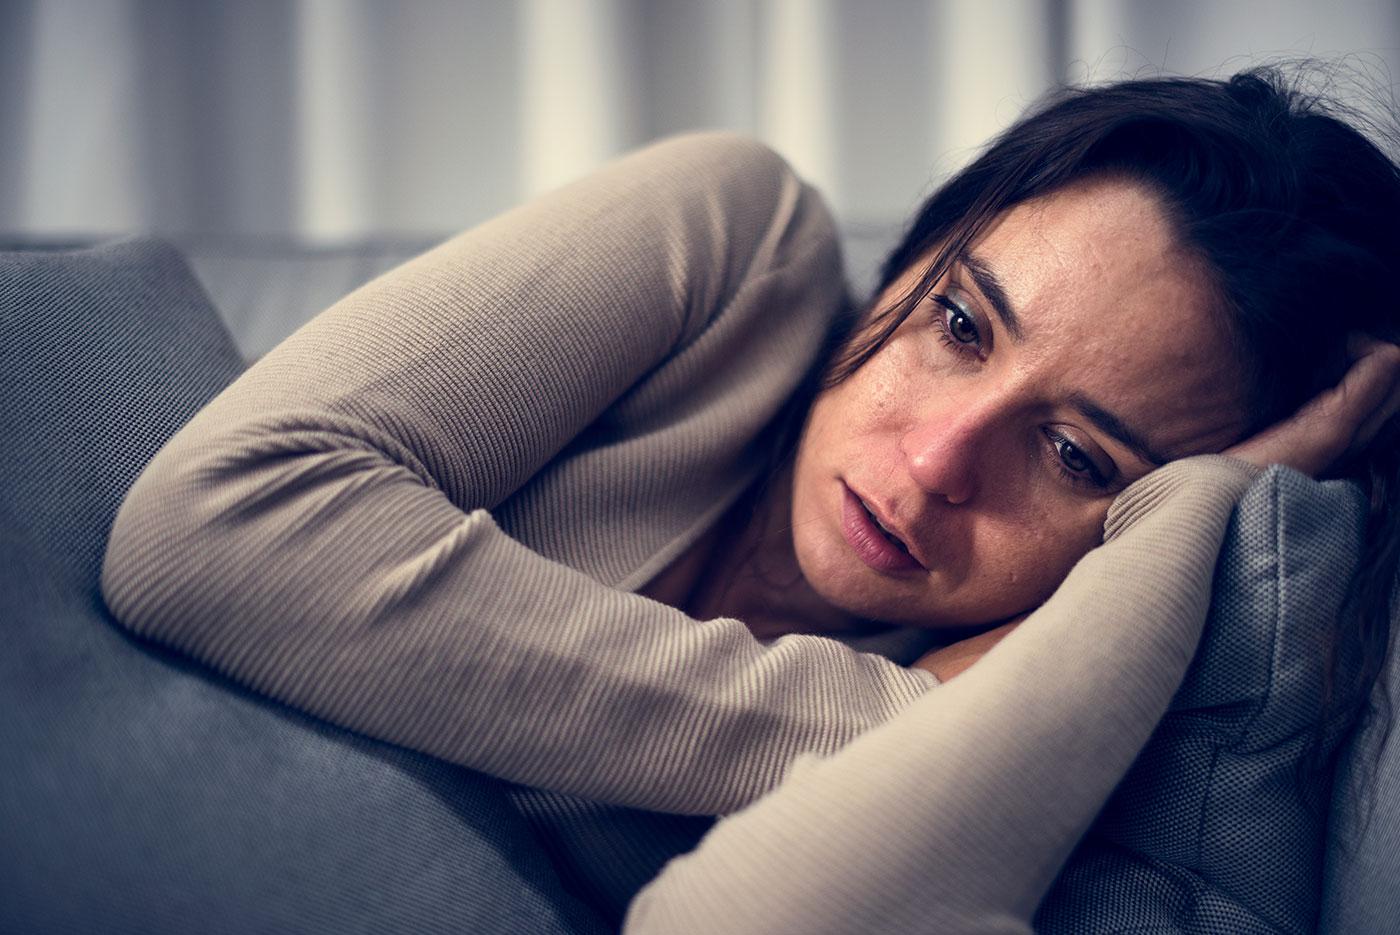 Depresión y estado de ánimo - EnMente Psicólogos